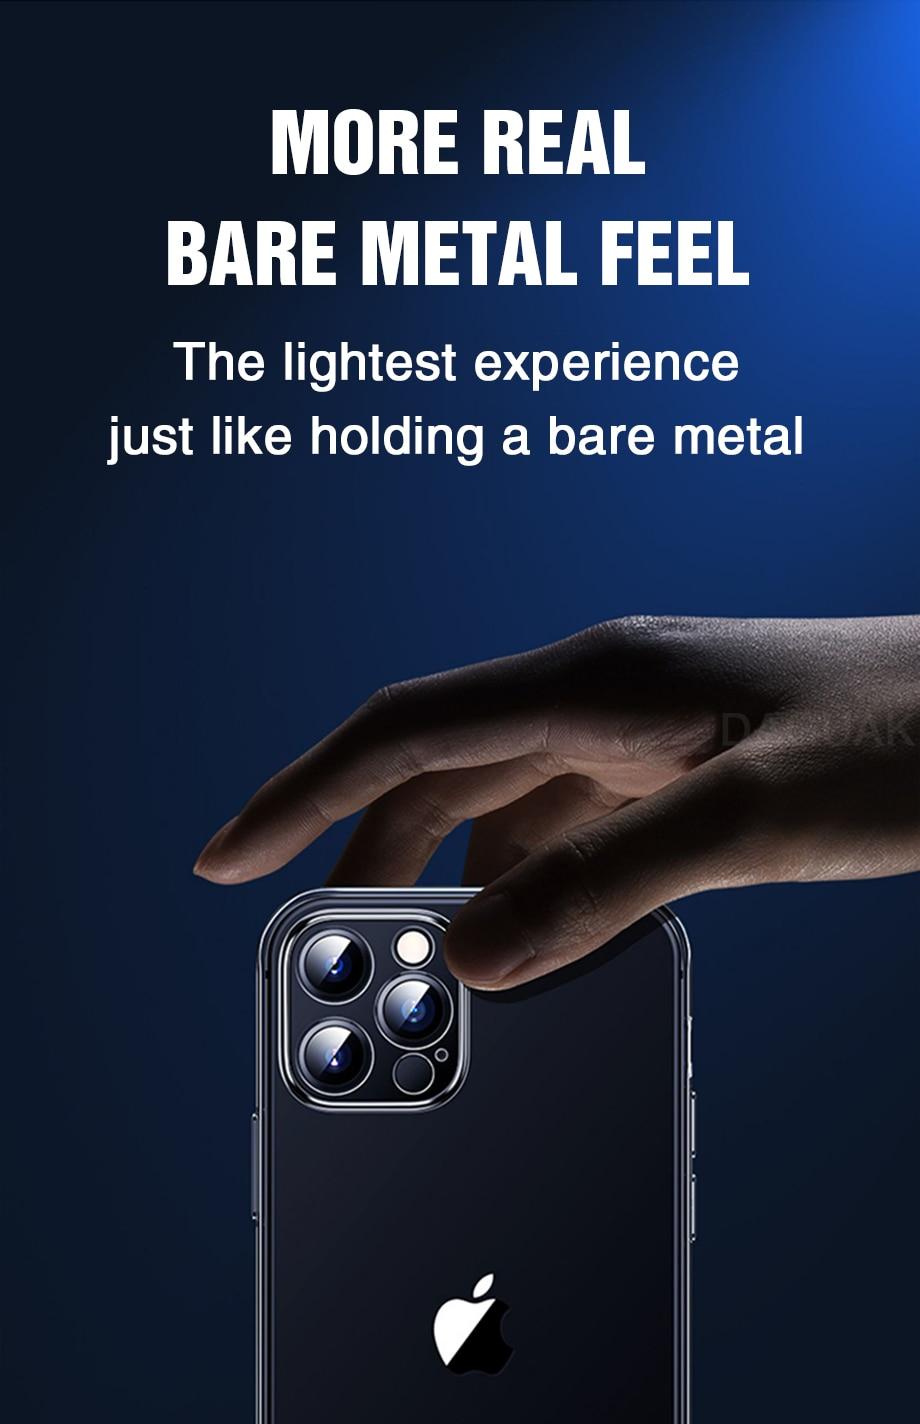 H11c3903d9b224db4b1817fa2c233f92aE Capinha celular iphone case Proteção da lente da câmera clara caixa do telefone para o iphone 12 pro max silicone macio capa para o iphone 12 mini à prova de choque capa traseira presente